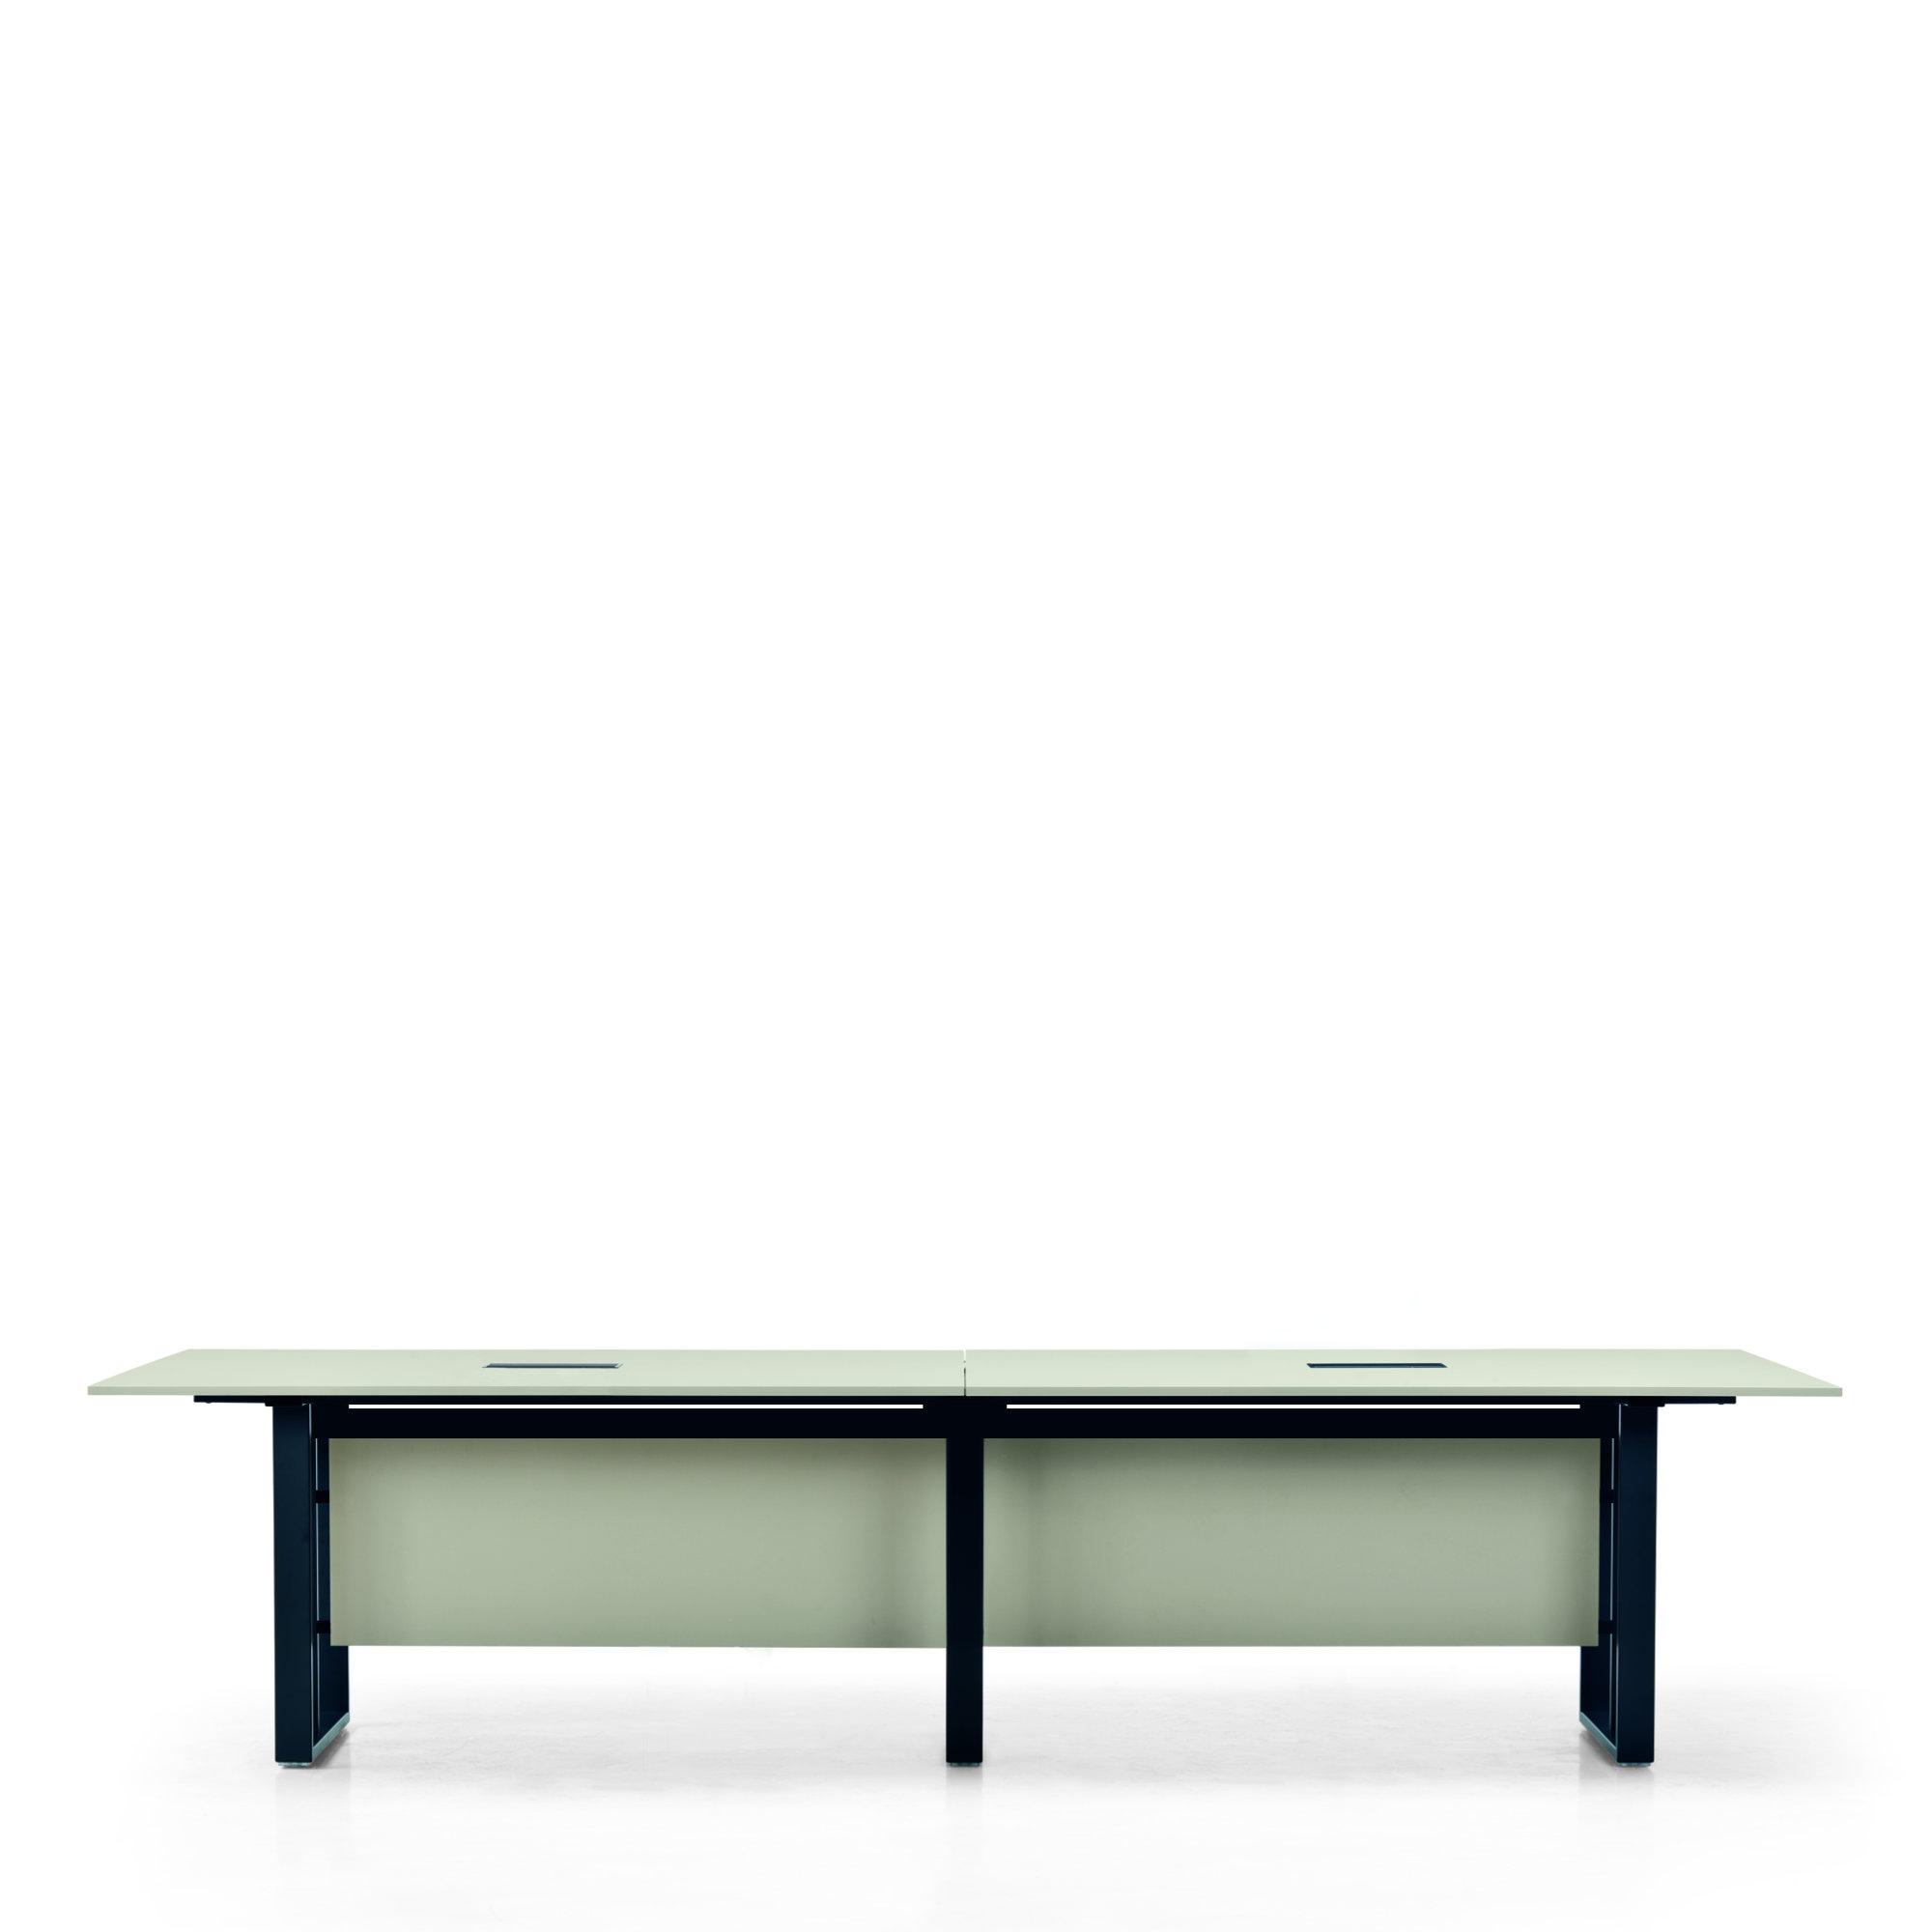 frezza velvet konferenztisch in 280x120 cm f r 10 personen konferenztische meeting. Black Bedroom Furniture Sets. Home Design Ideas